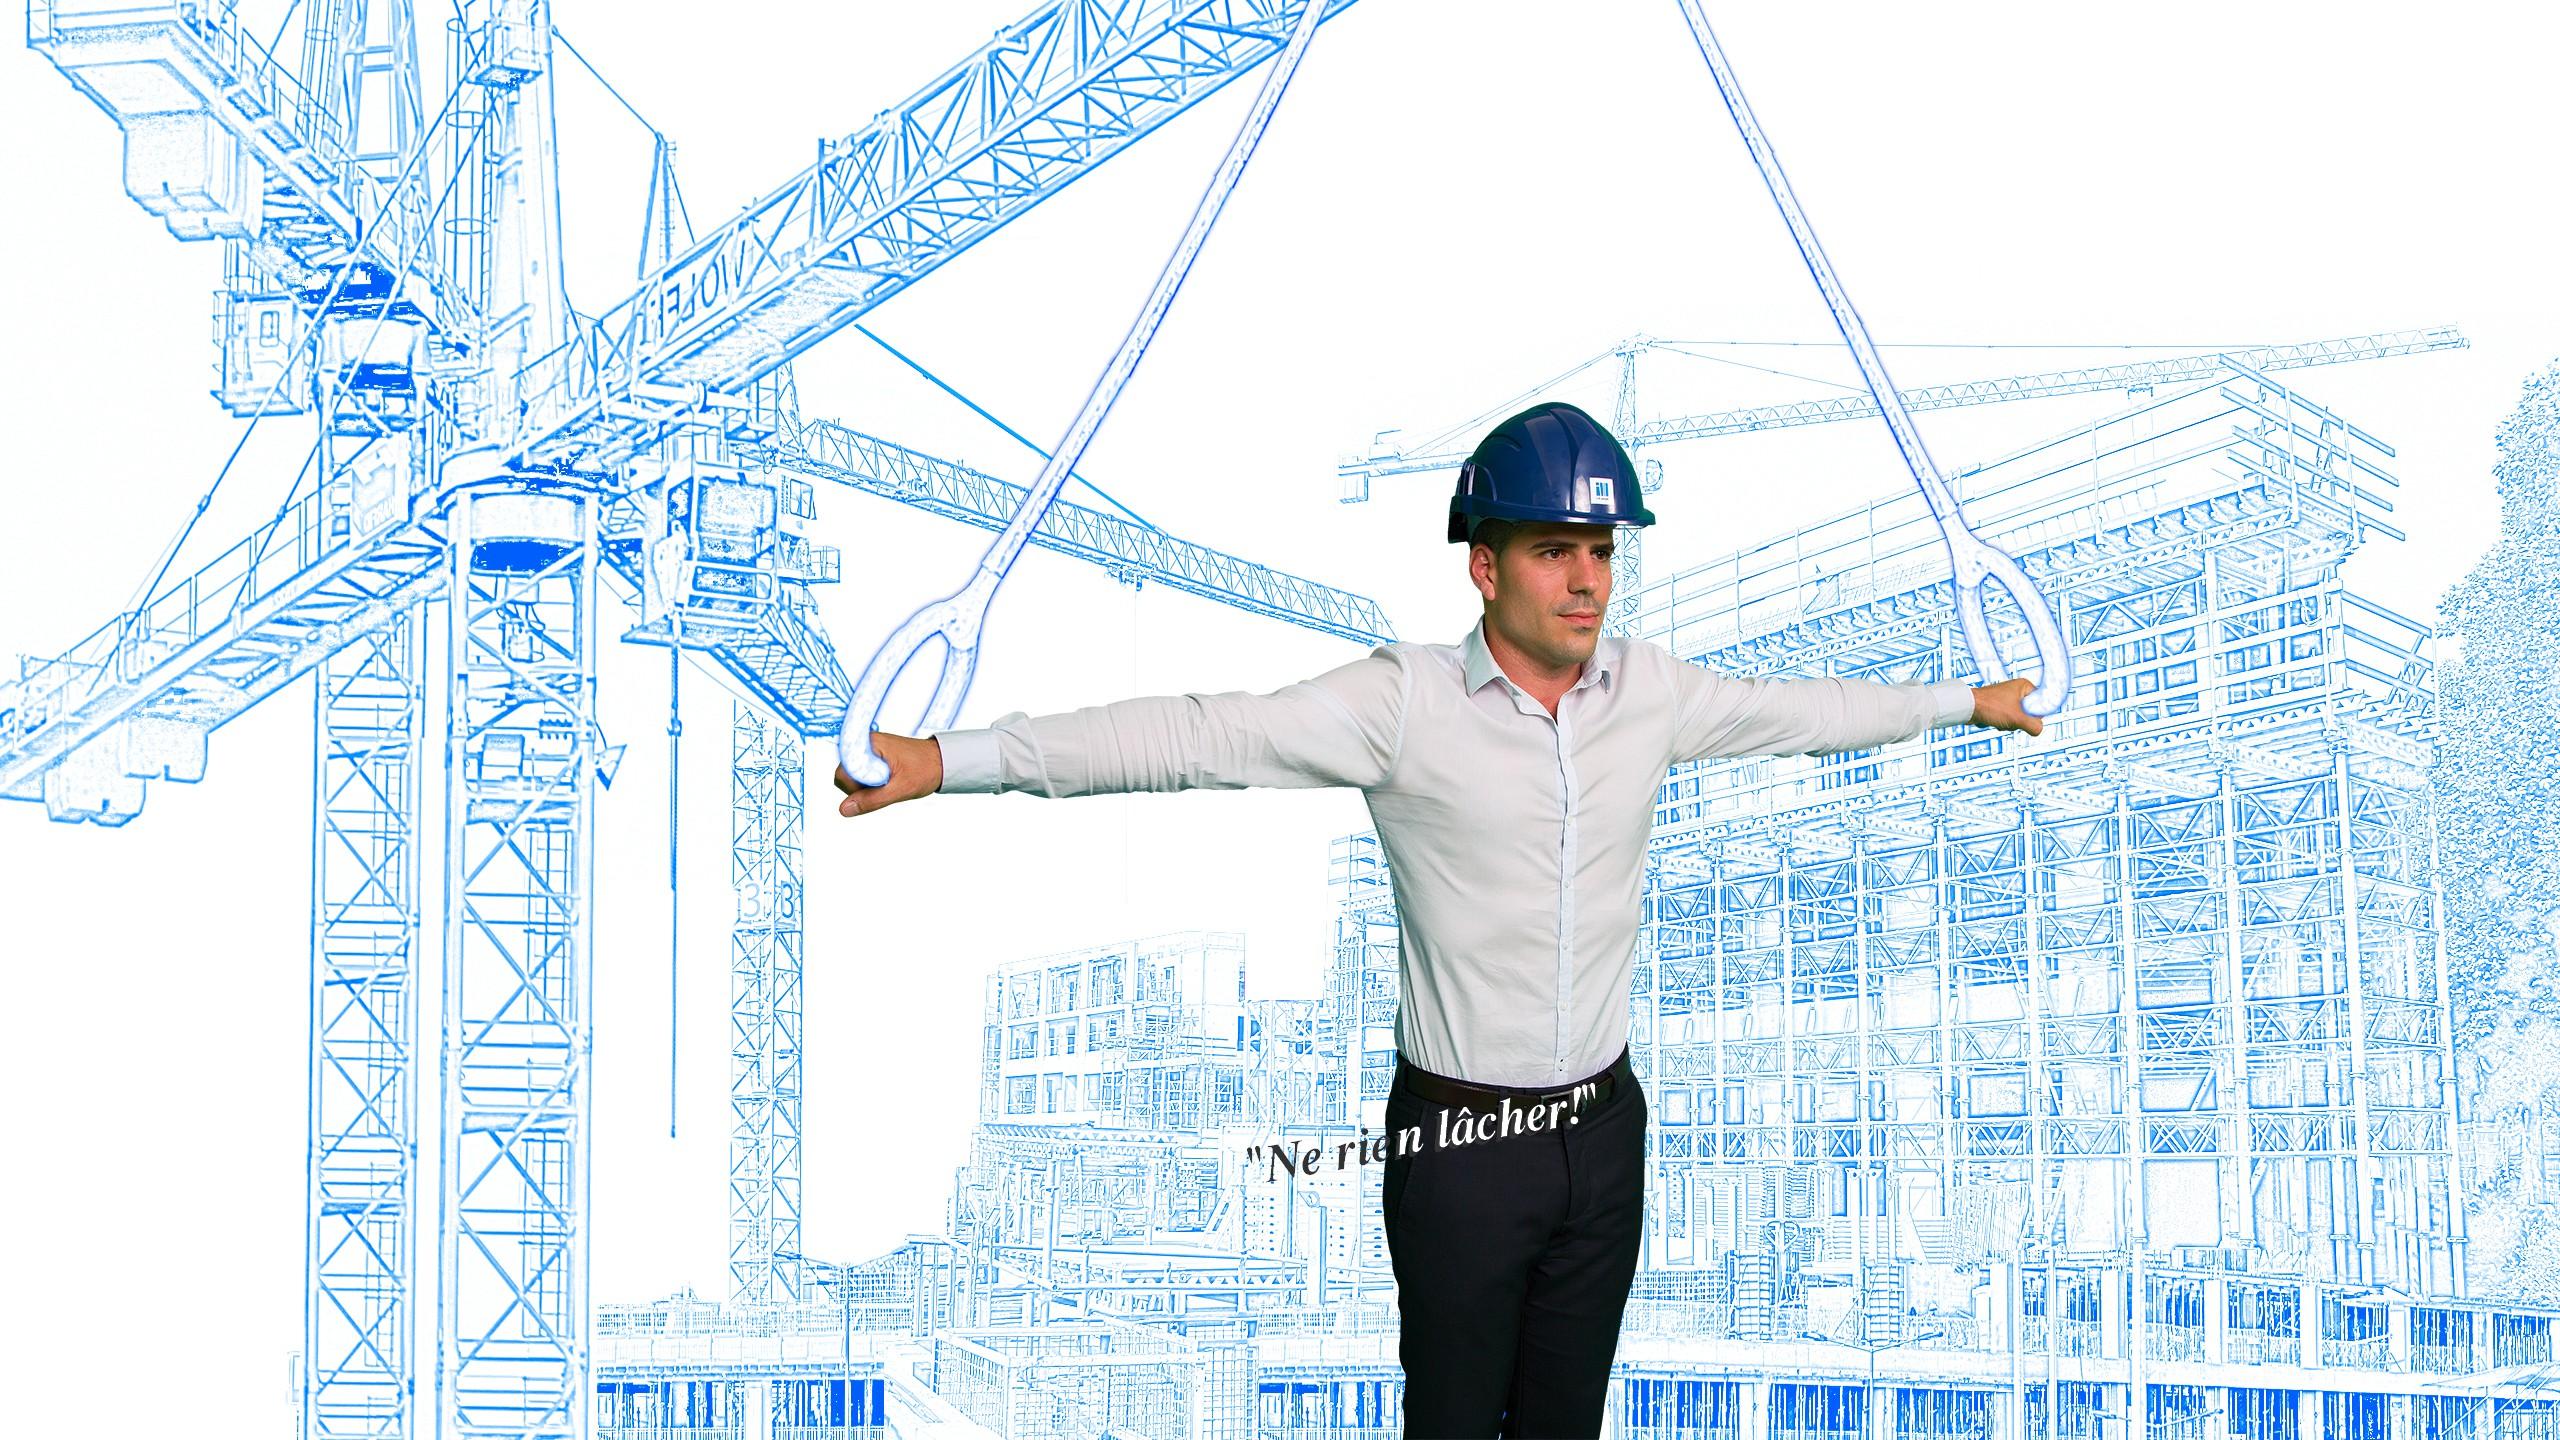 Ingénieur gestion de projet dans un environnement bâtiment : ne rien lacher pour mener vos projets à bout